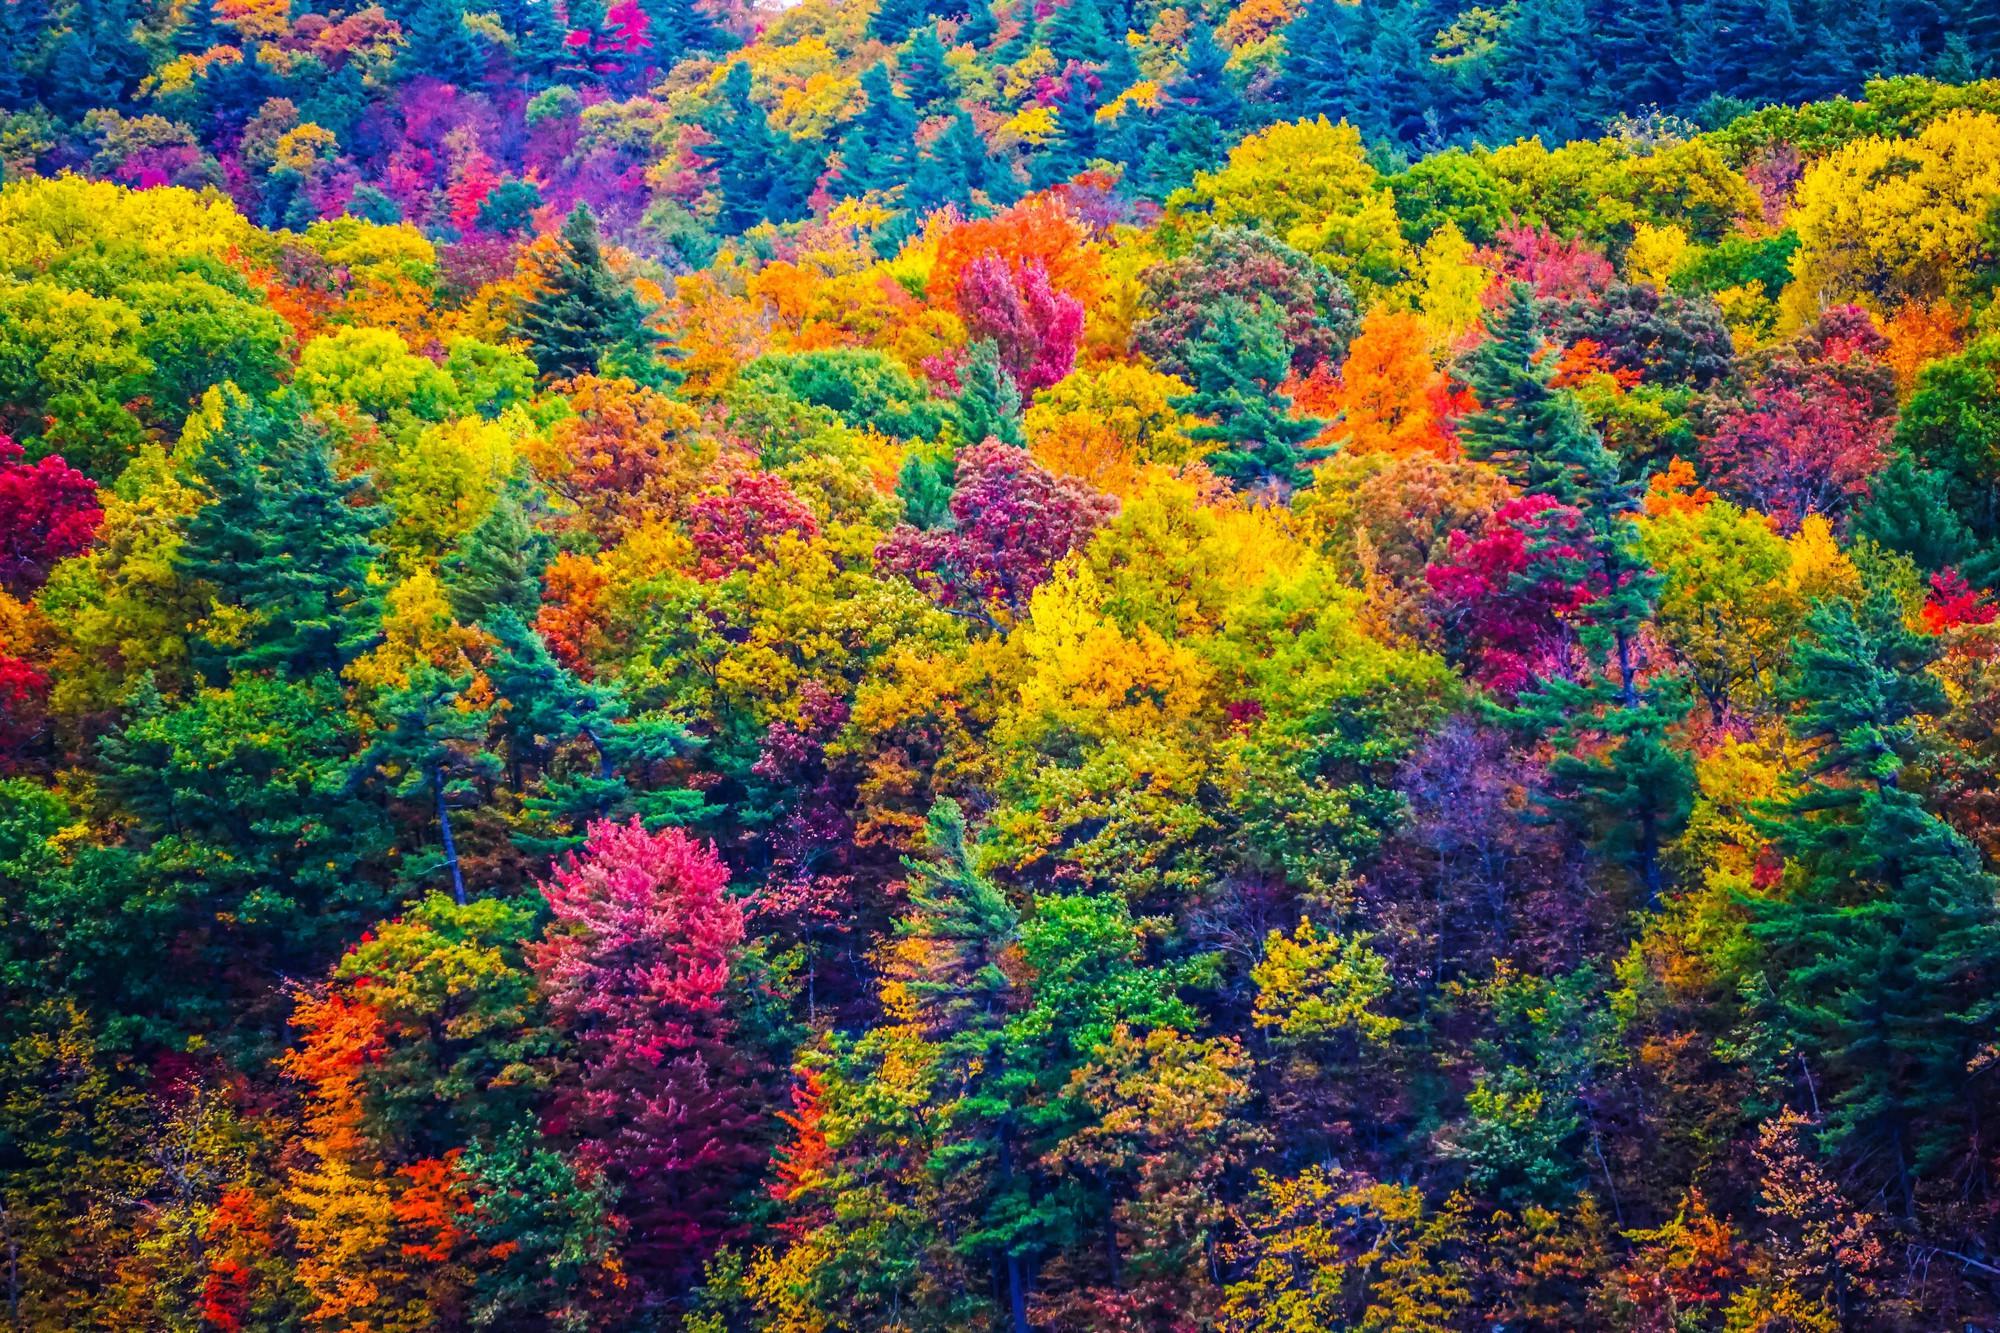 Ngắm phong cảnh đẹp đến ngoạn mục của những khu rừng vào mùa thu - Ảnh 20.